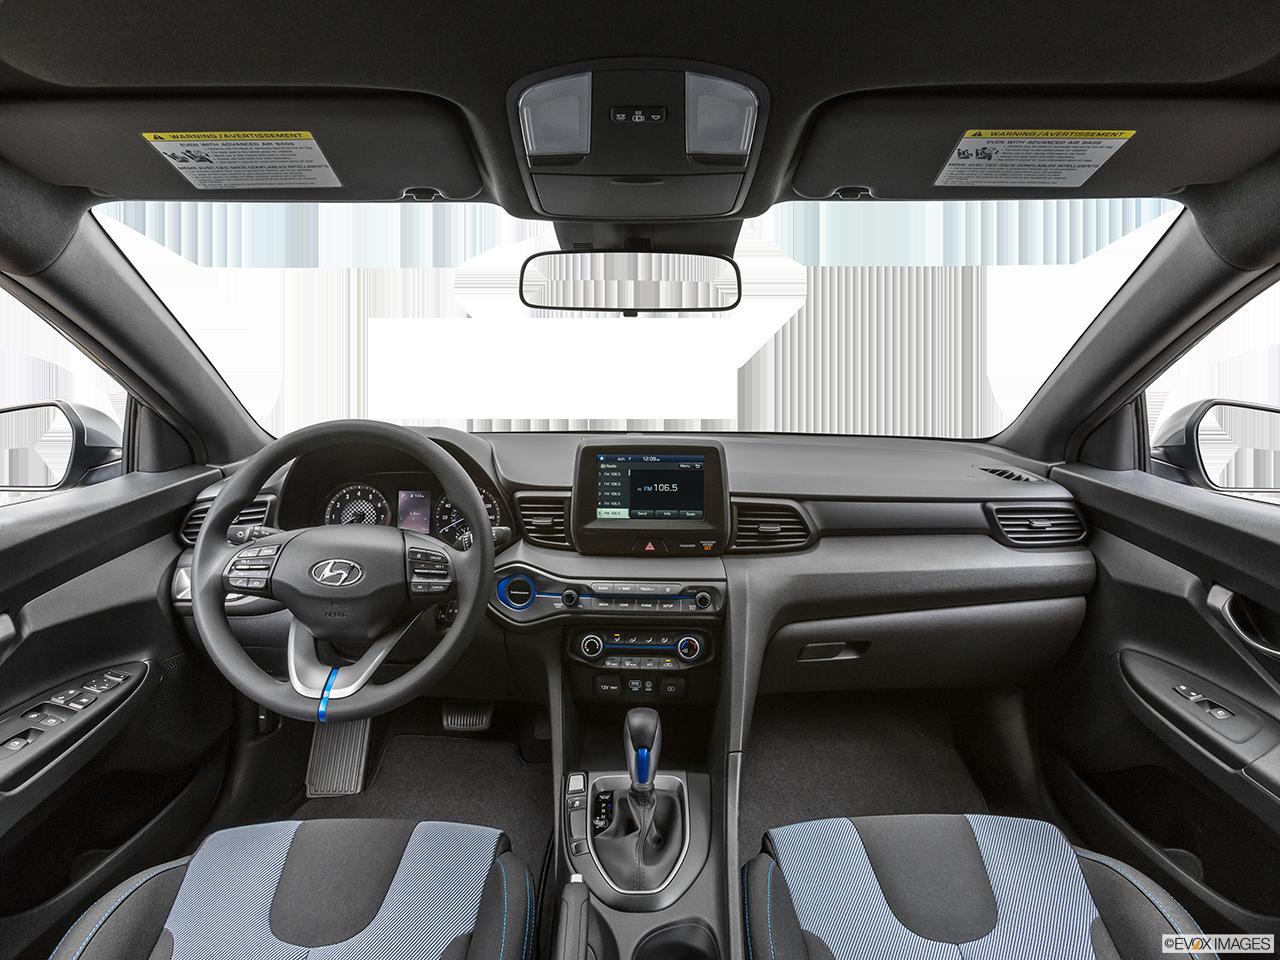 2021 Hyundai Veloster photo